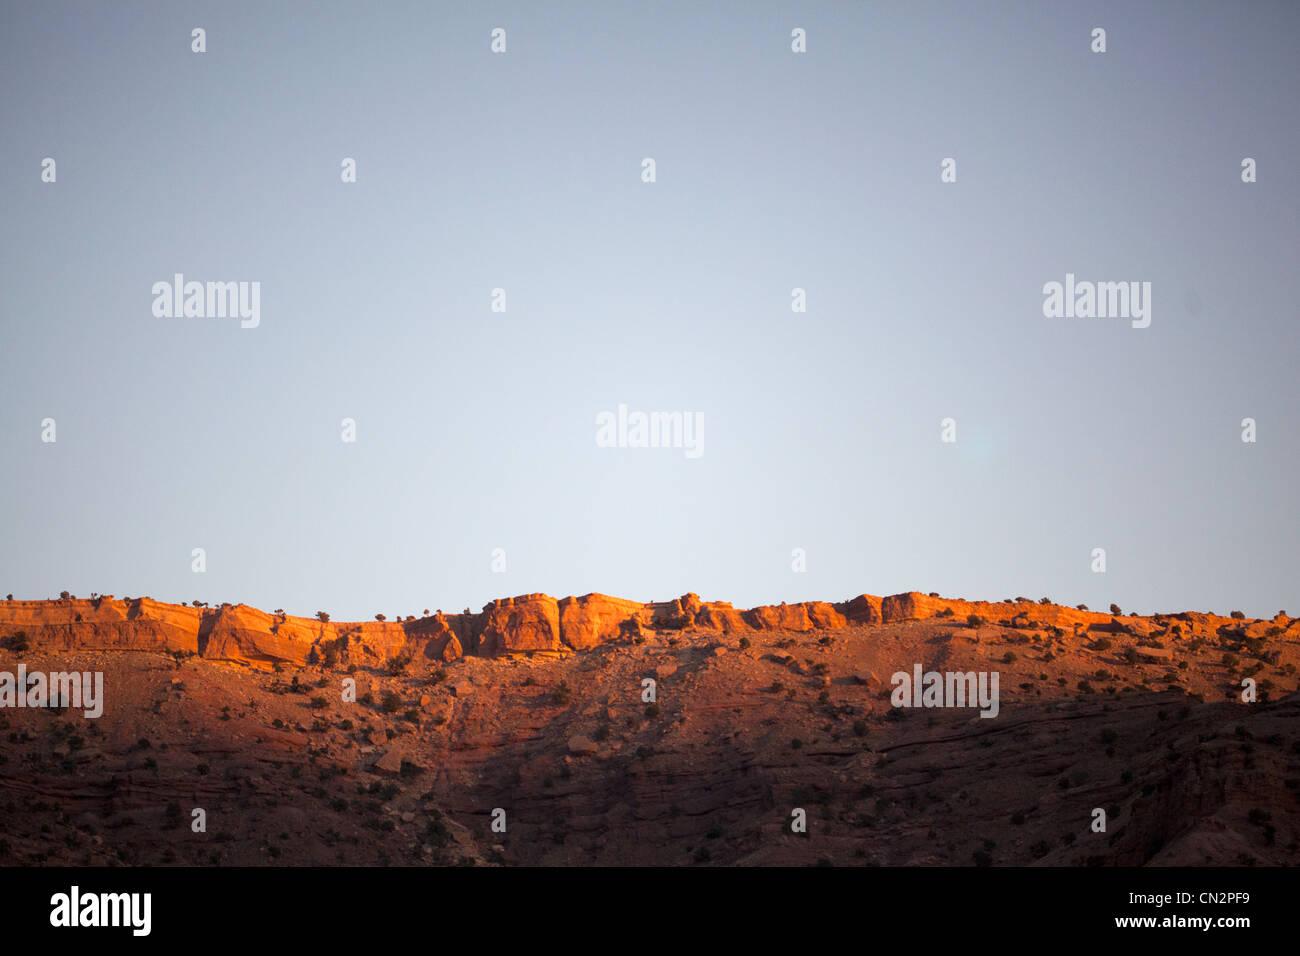 Scenic con rocas y el azul claro del cielo Imagen De Stock